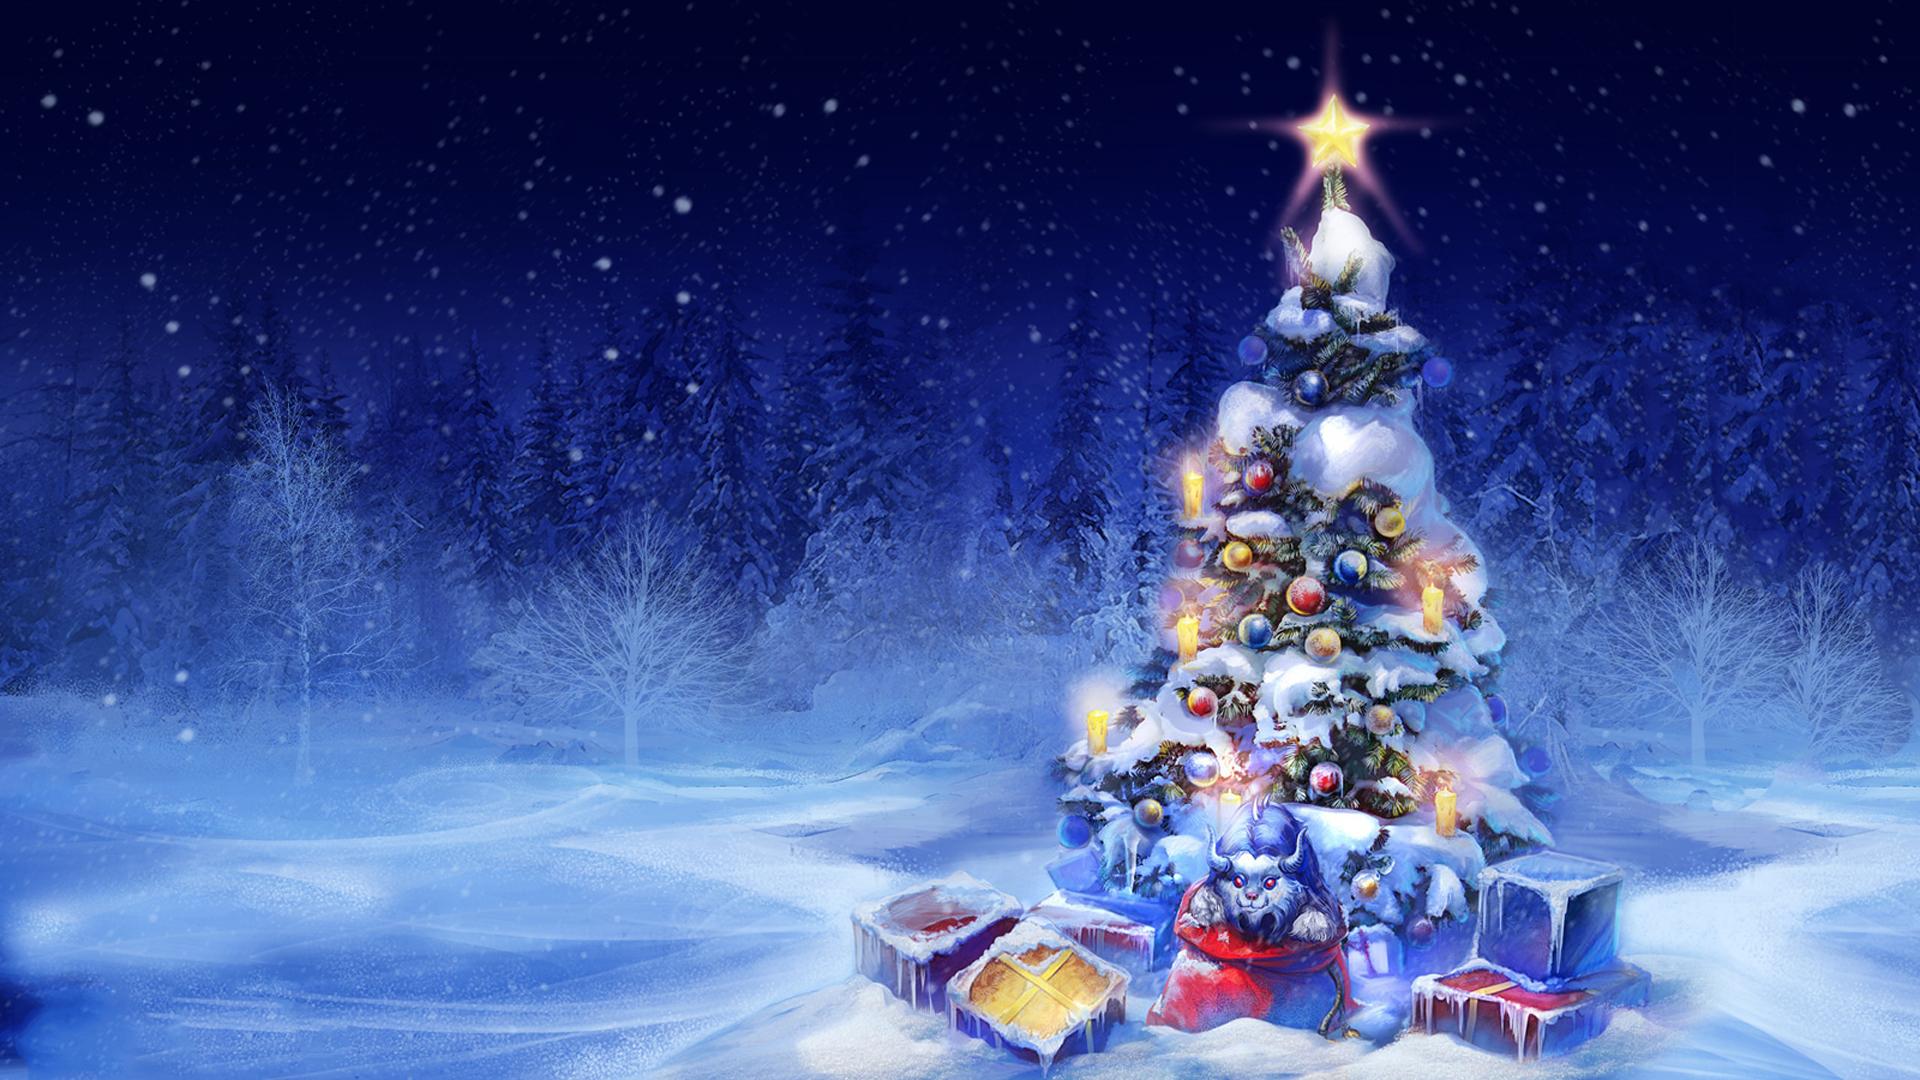 Обои новогодняя, елка, новогодние игрушки, свечи